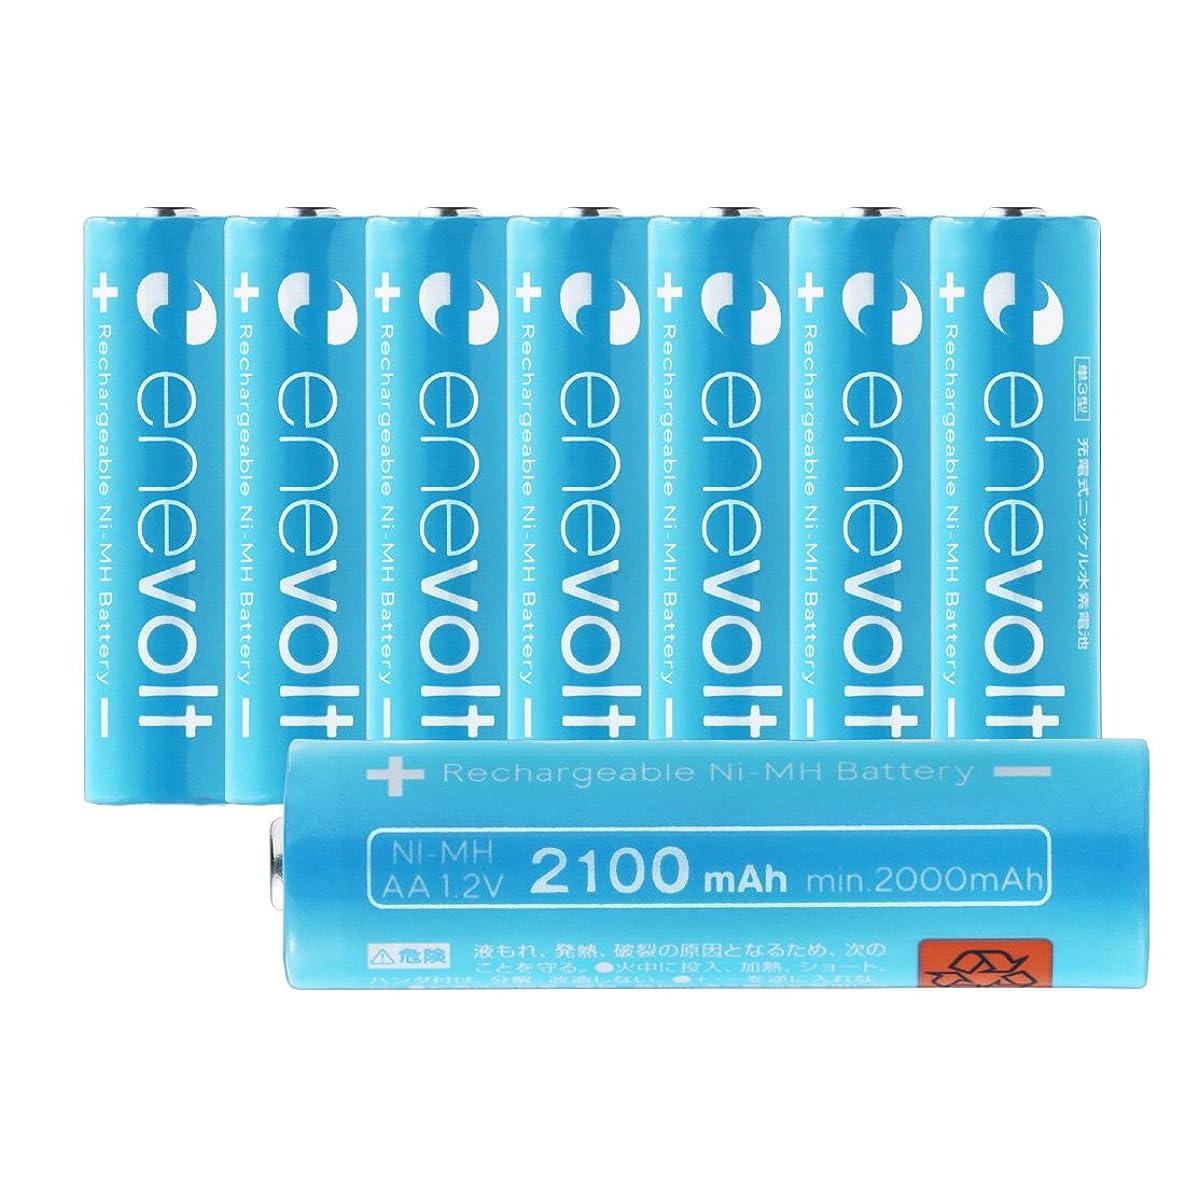 ゴールド神経数エネボルト(enevolt) 単3 充電池 2100mAh 大容量 ニッケル水素充電池 自然放電軽減 繰り返し約1000回 充電 電池 8本セット